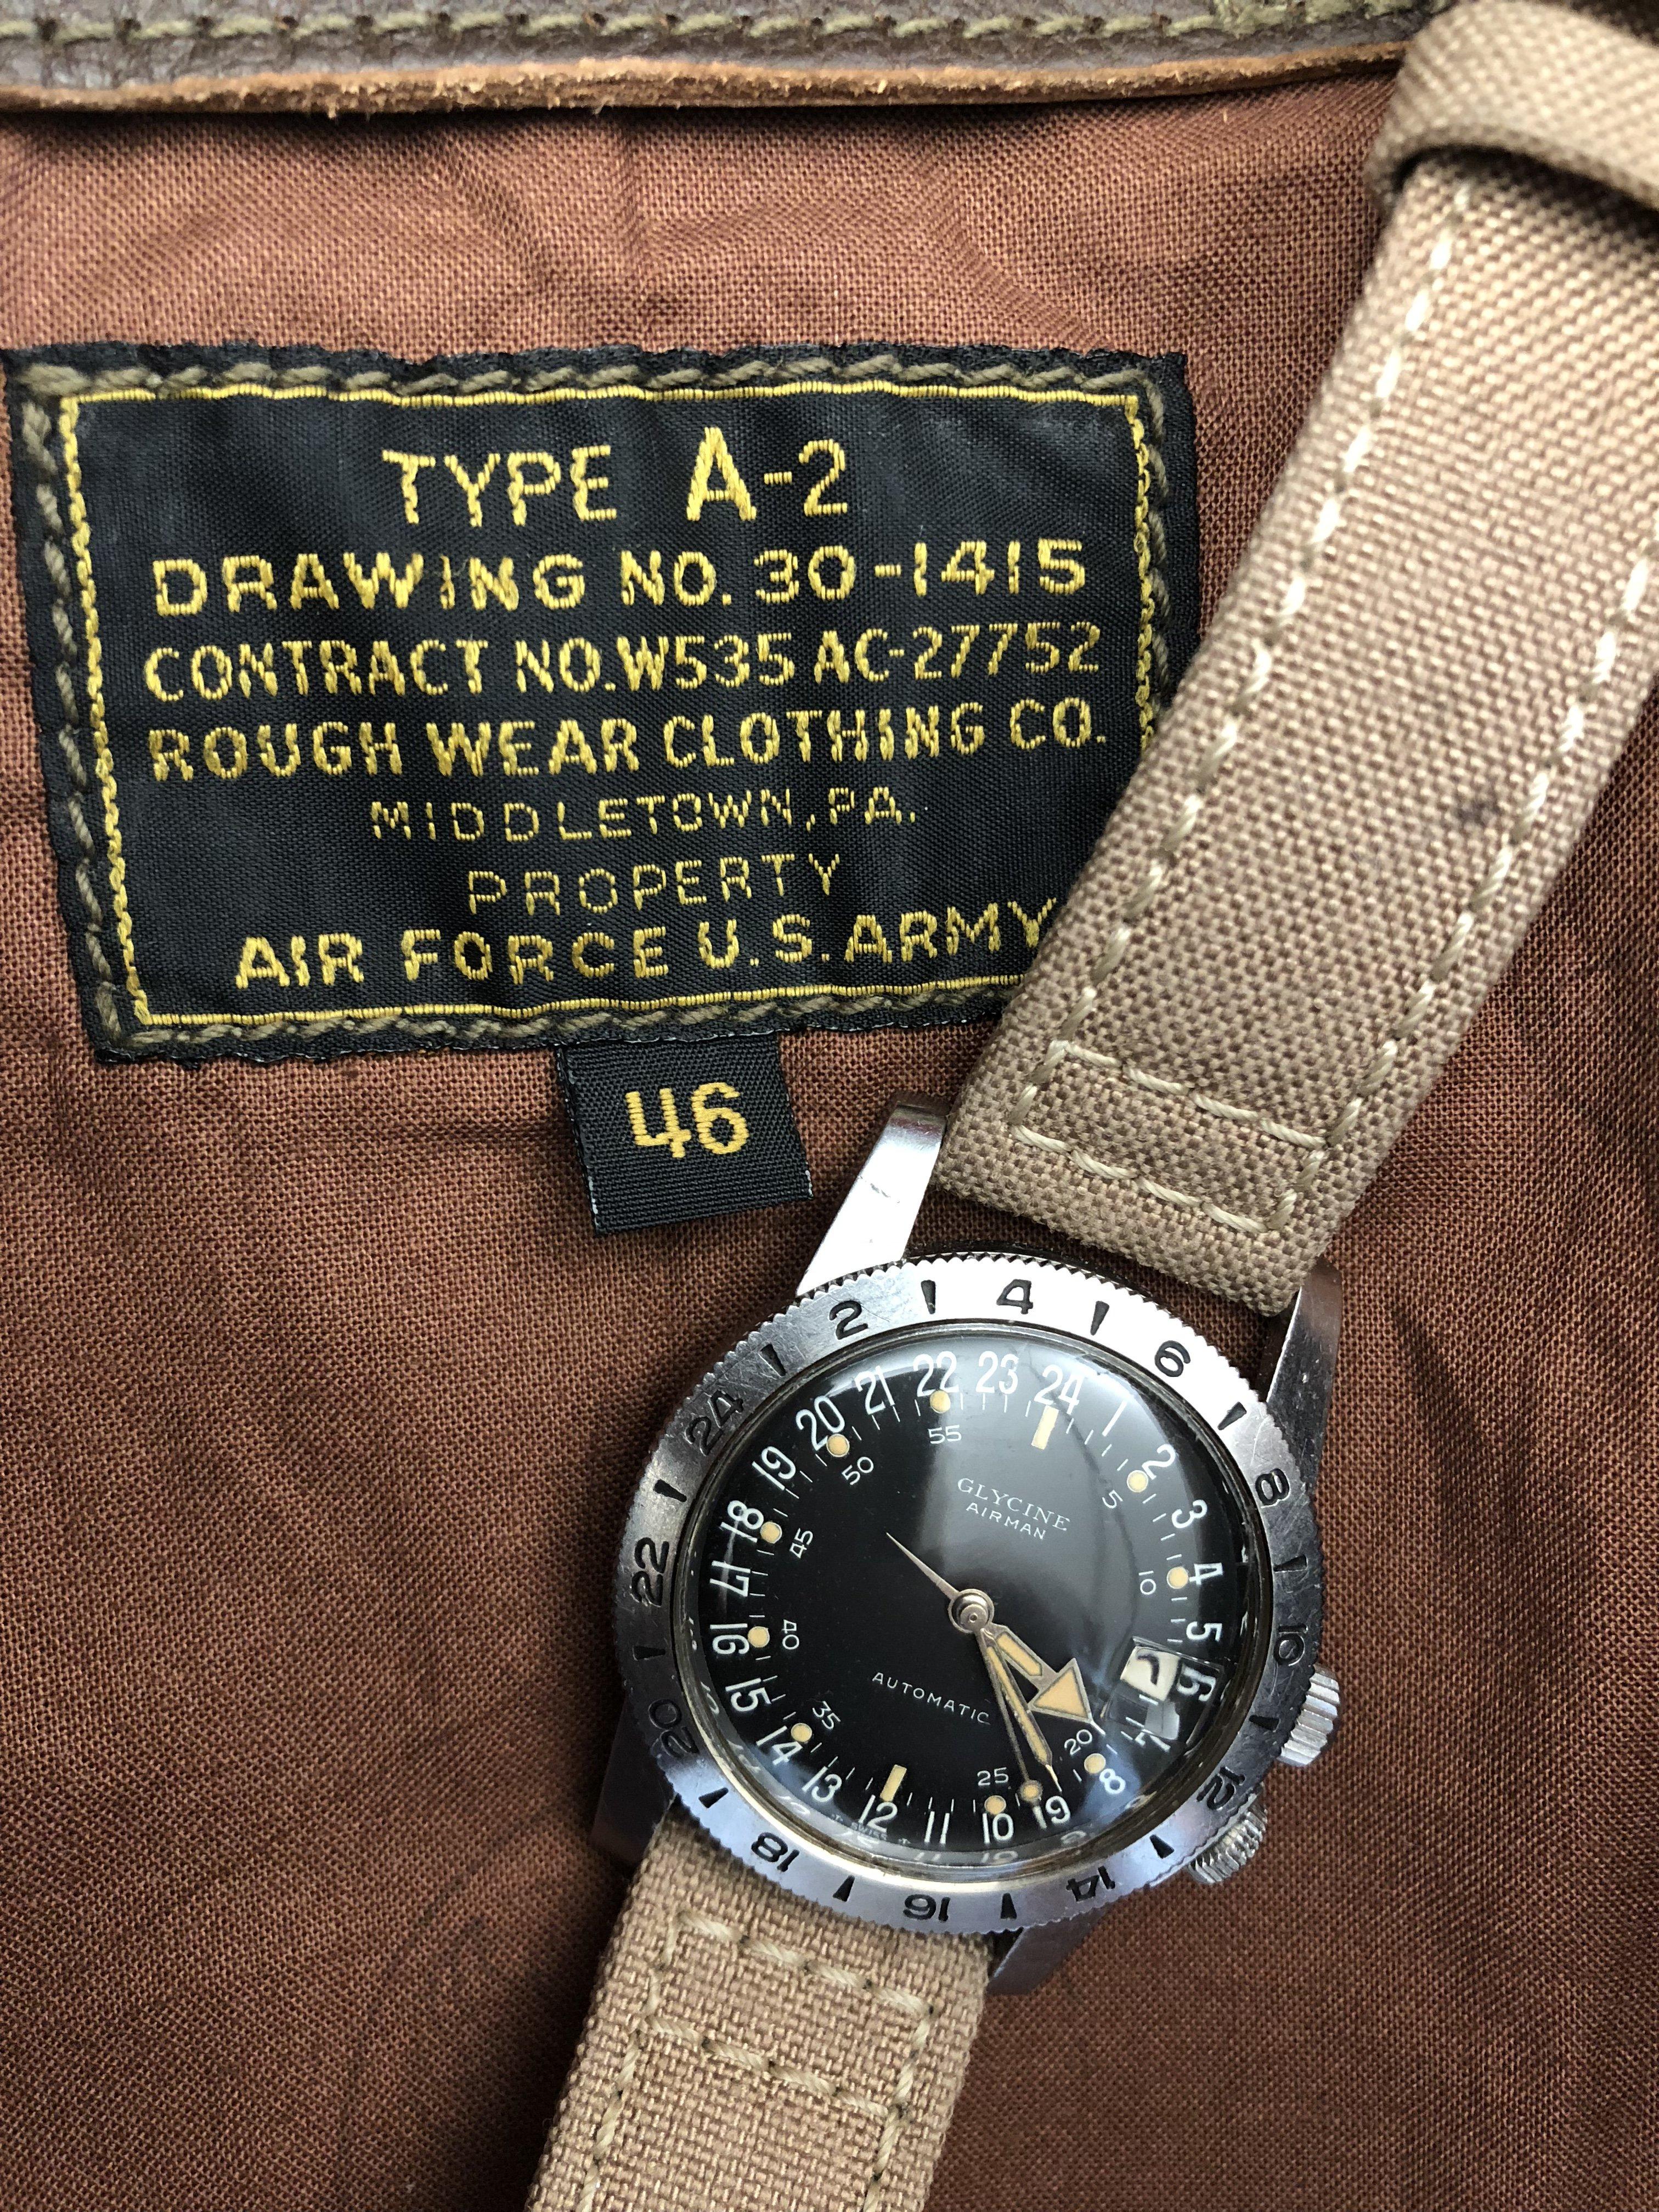 A593D04E-62BA-47B0-B7D6-C5C2EB659478.jpeg